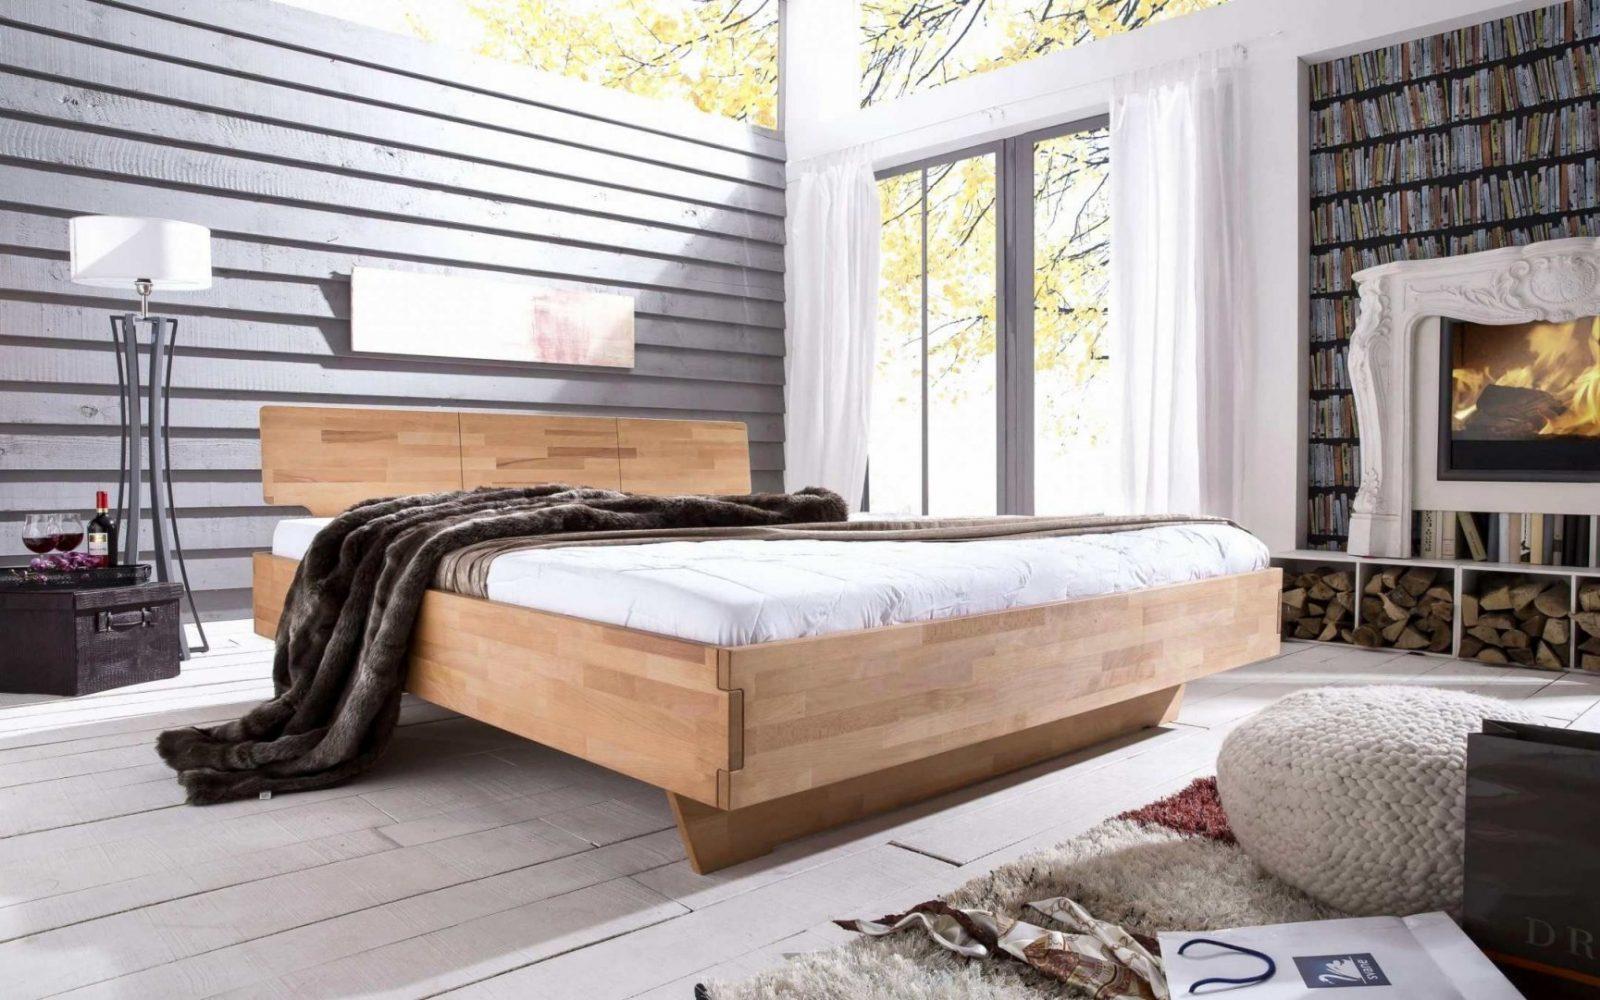 Indirekte Beleuchtung Hinter Bett Mit Schön Schlafzimmer Wand Hinter von Indirekte Beleuchtung Schlafzimmer Selber Bauen Bild